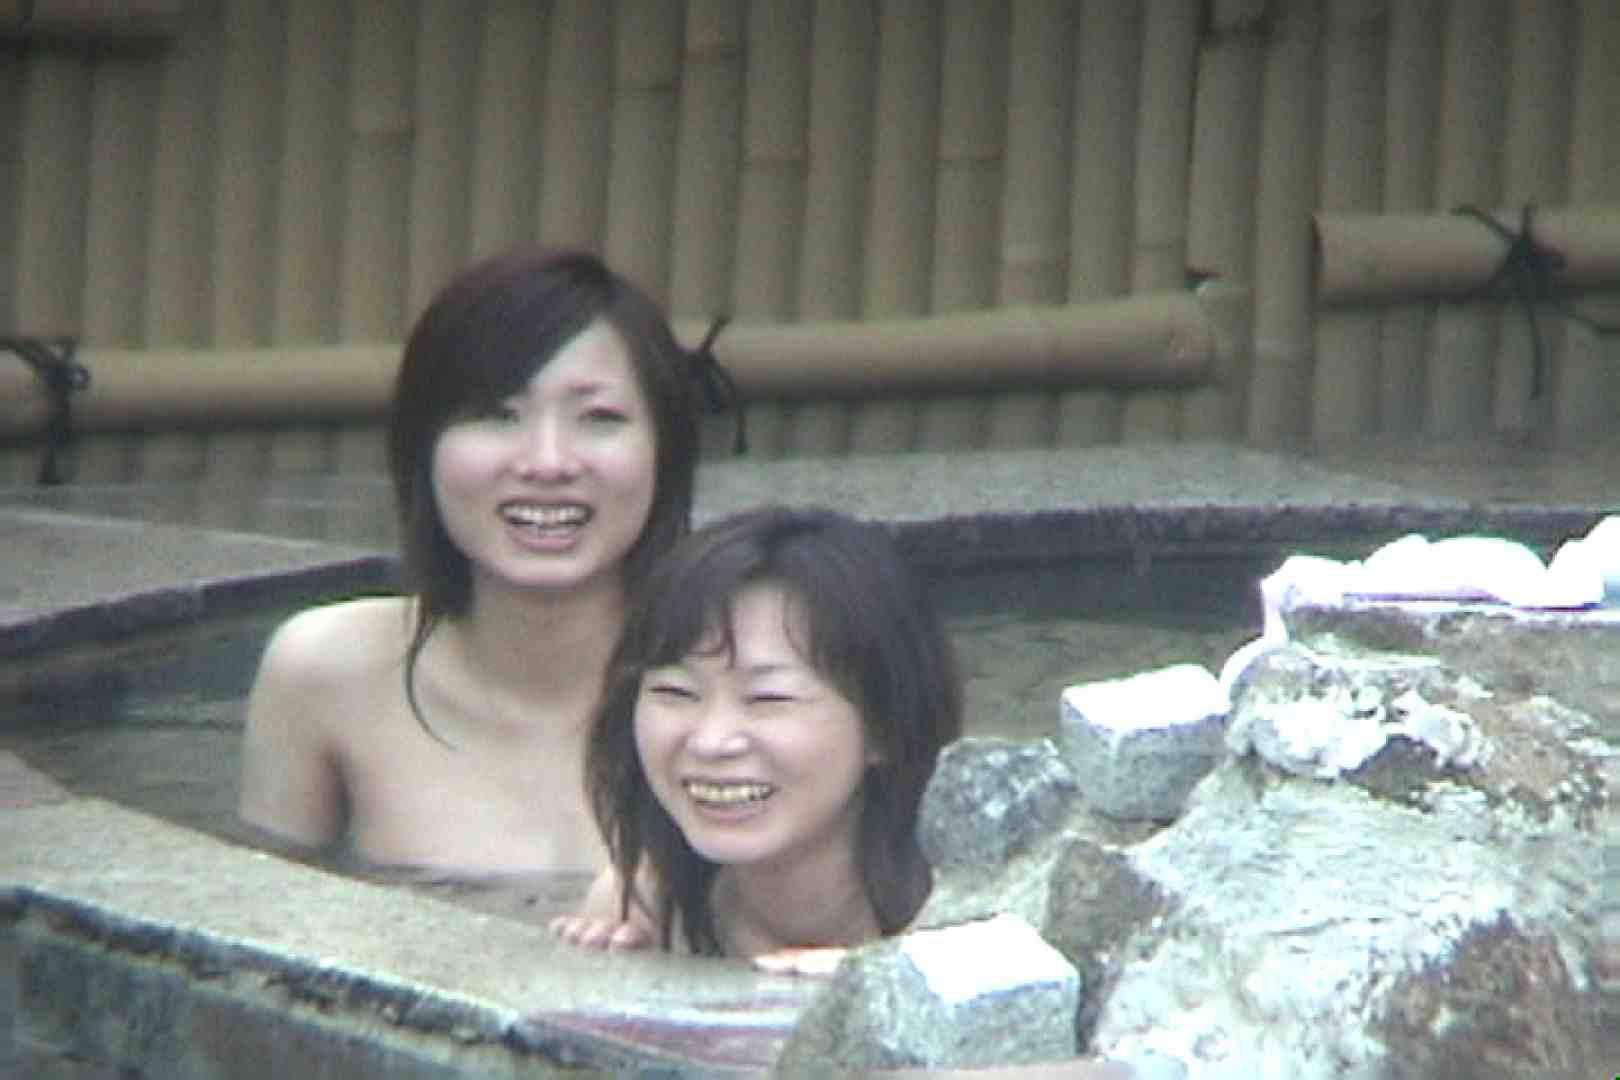 Aquaな露天風呂Vol.58【VIP限定】 美しいOLの裸体  97pic 45